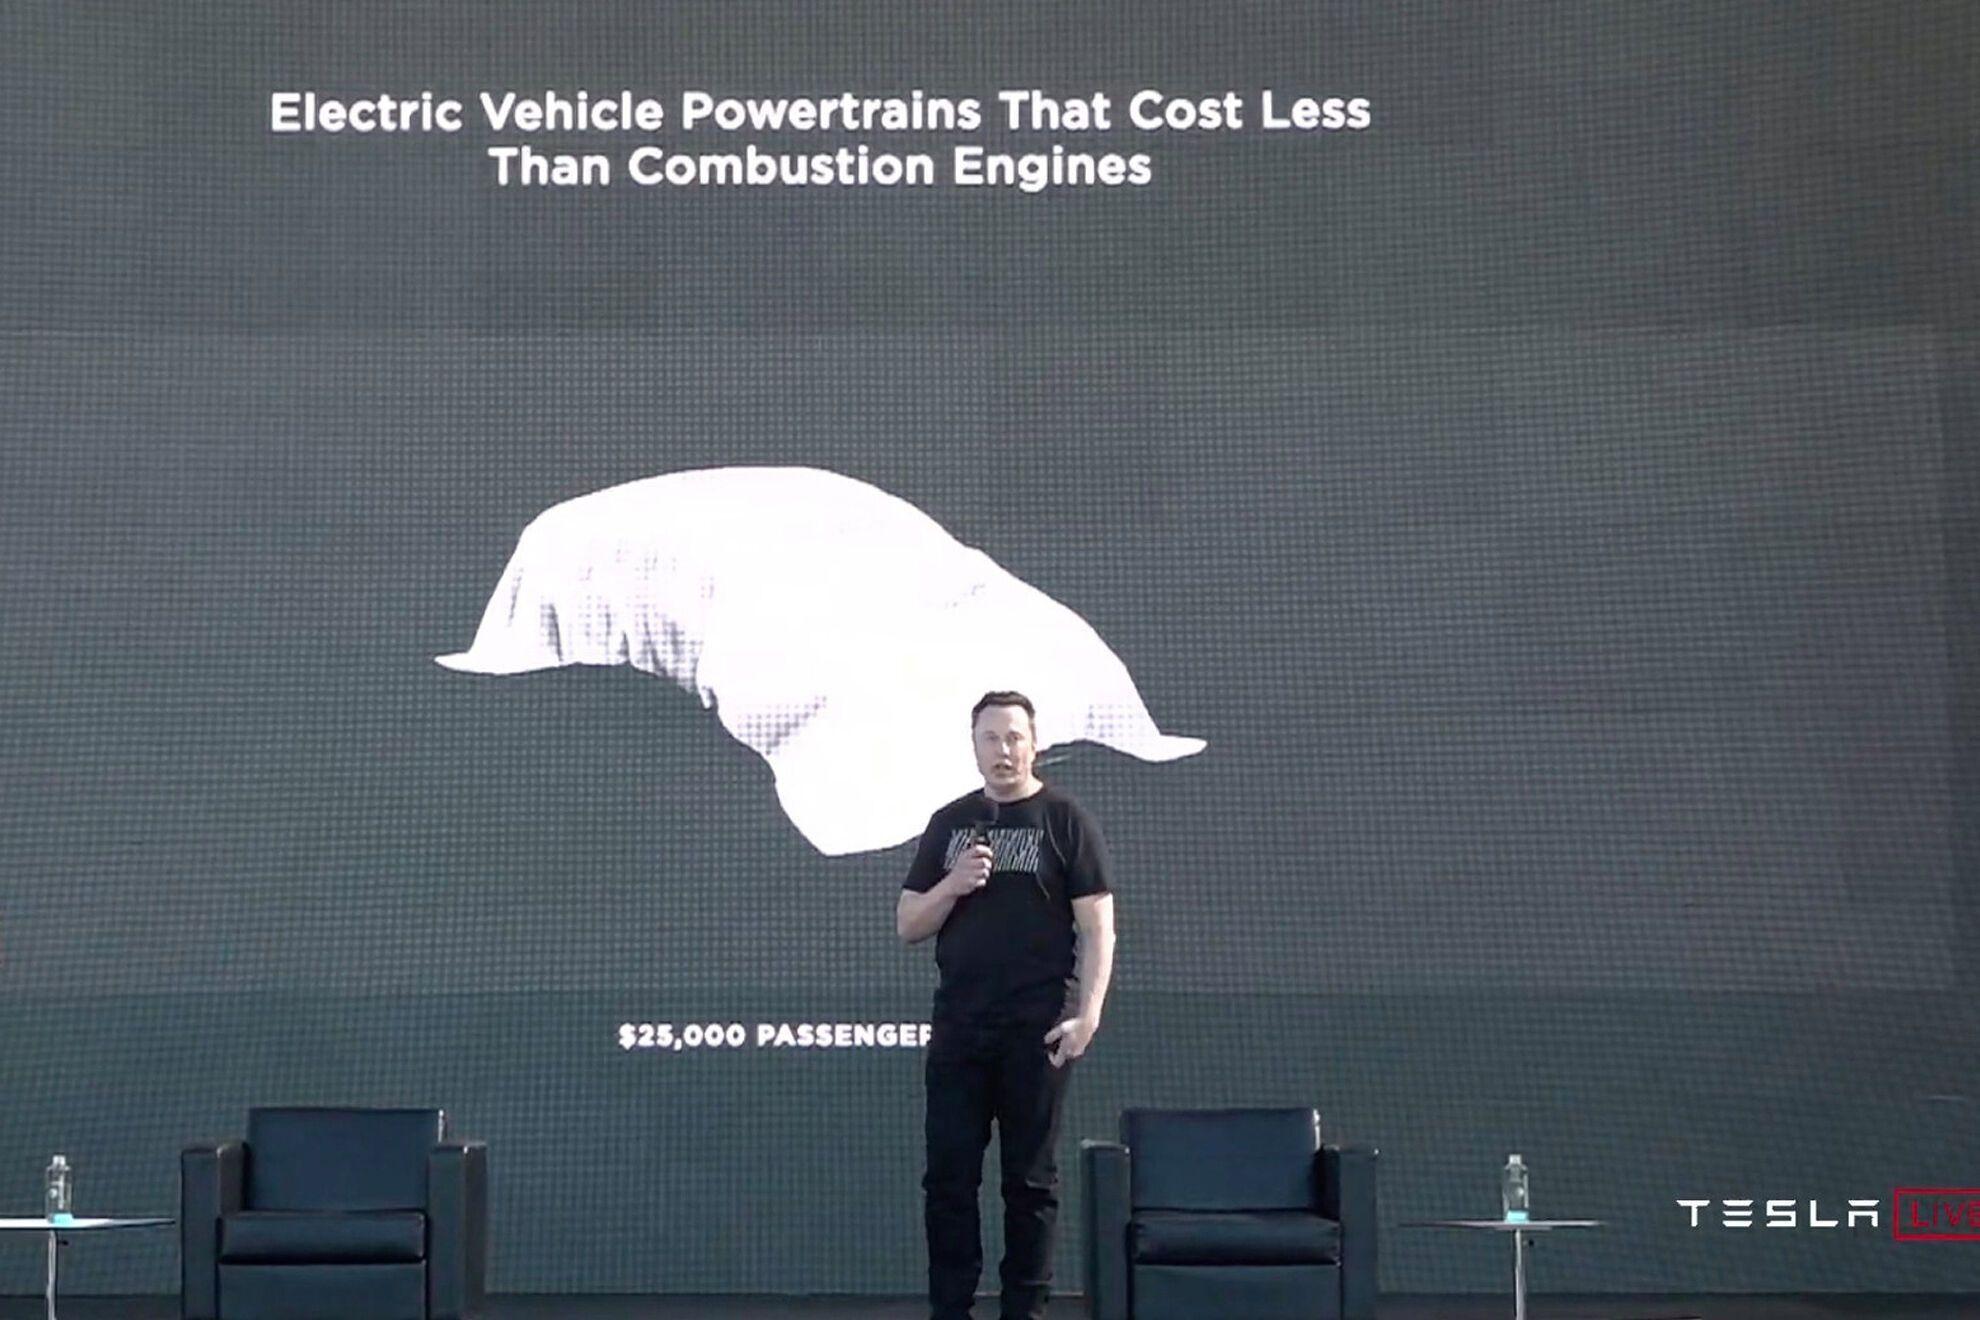 Вперше керівник компанії Ілон Маск розповів про електромобіль за $ 25000 ще в вересні 2020 року